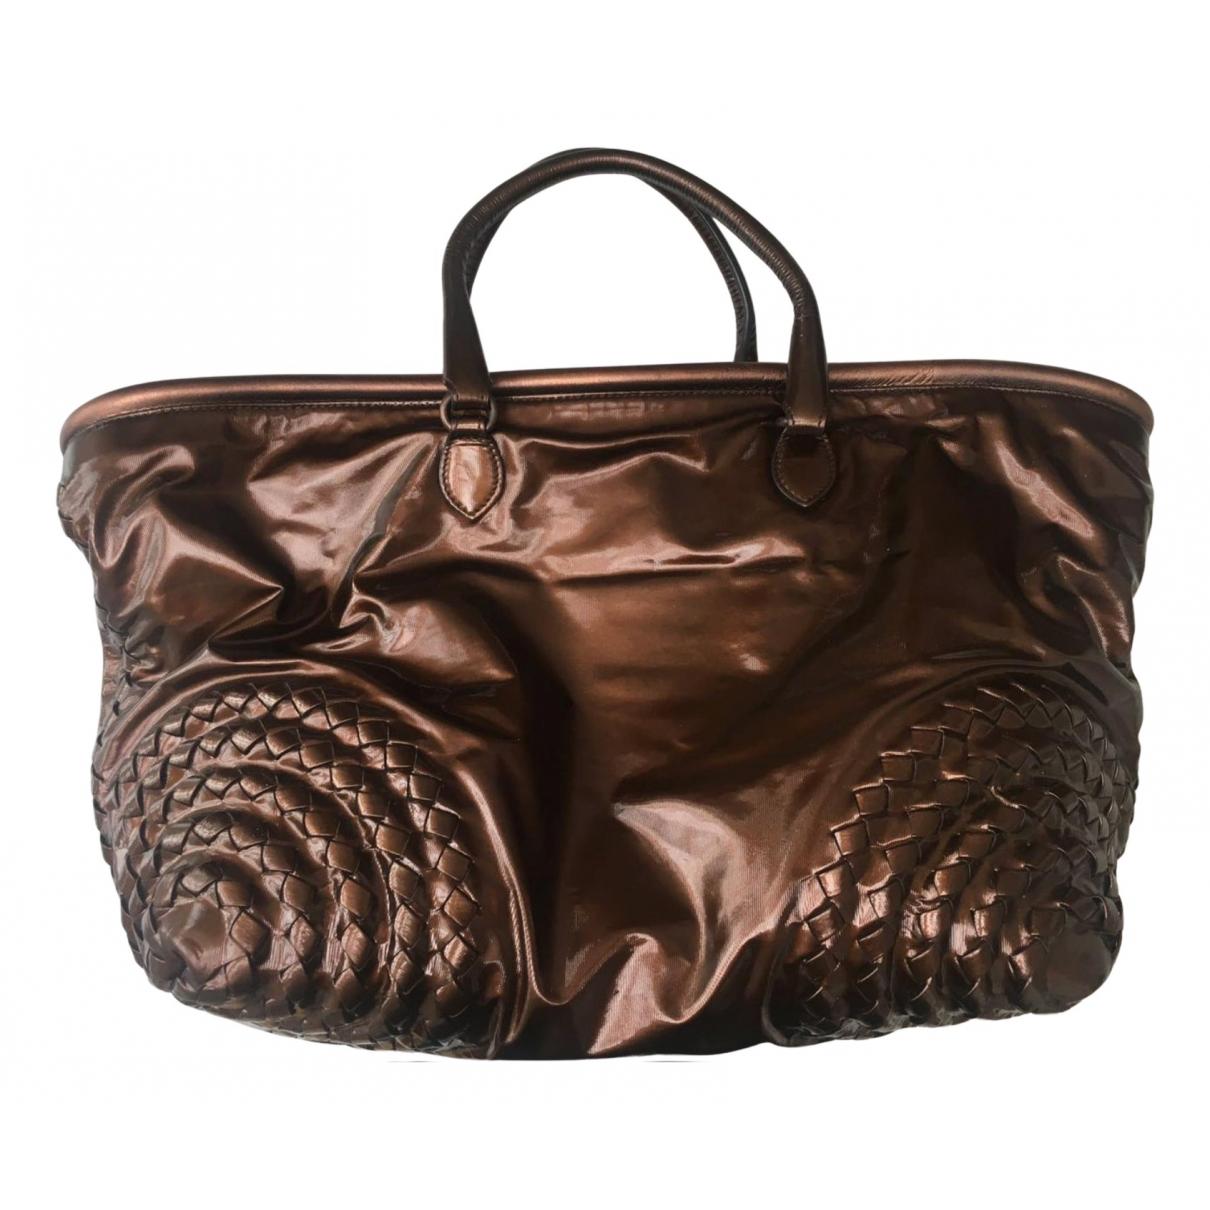 Bottega Veneta N Brown Leather handbag for Women N